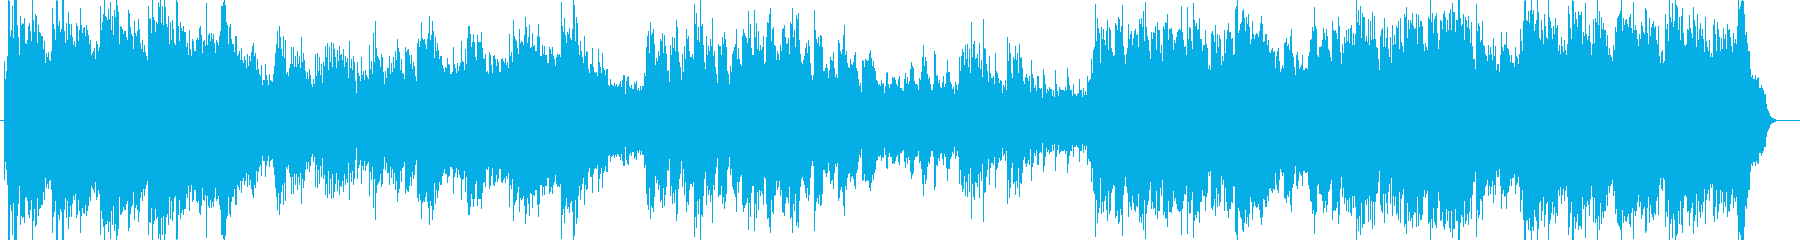 ピアノ中心の壮大なバラードの再生済みの波形